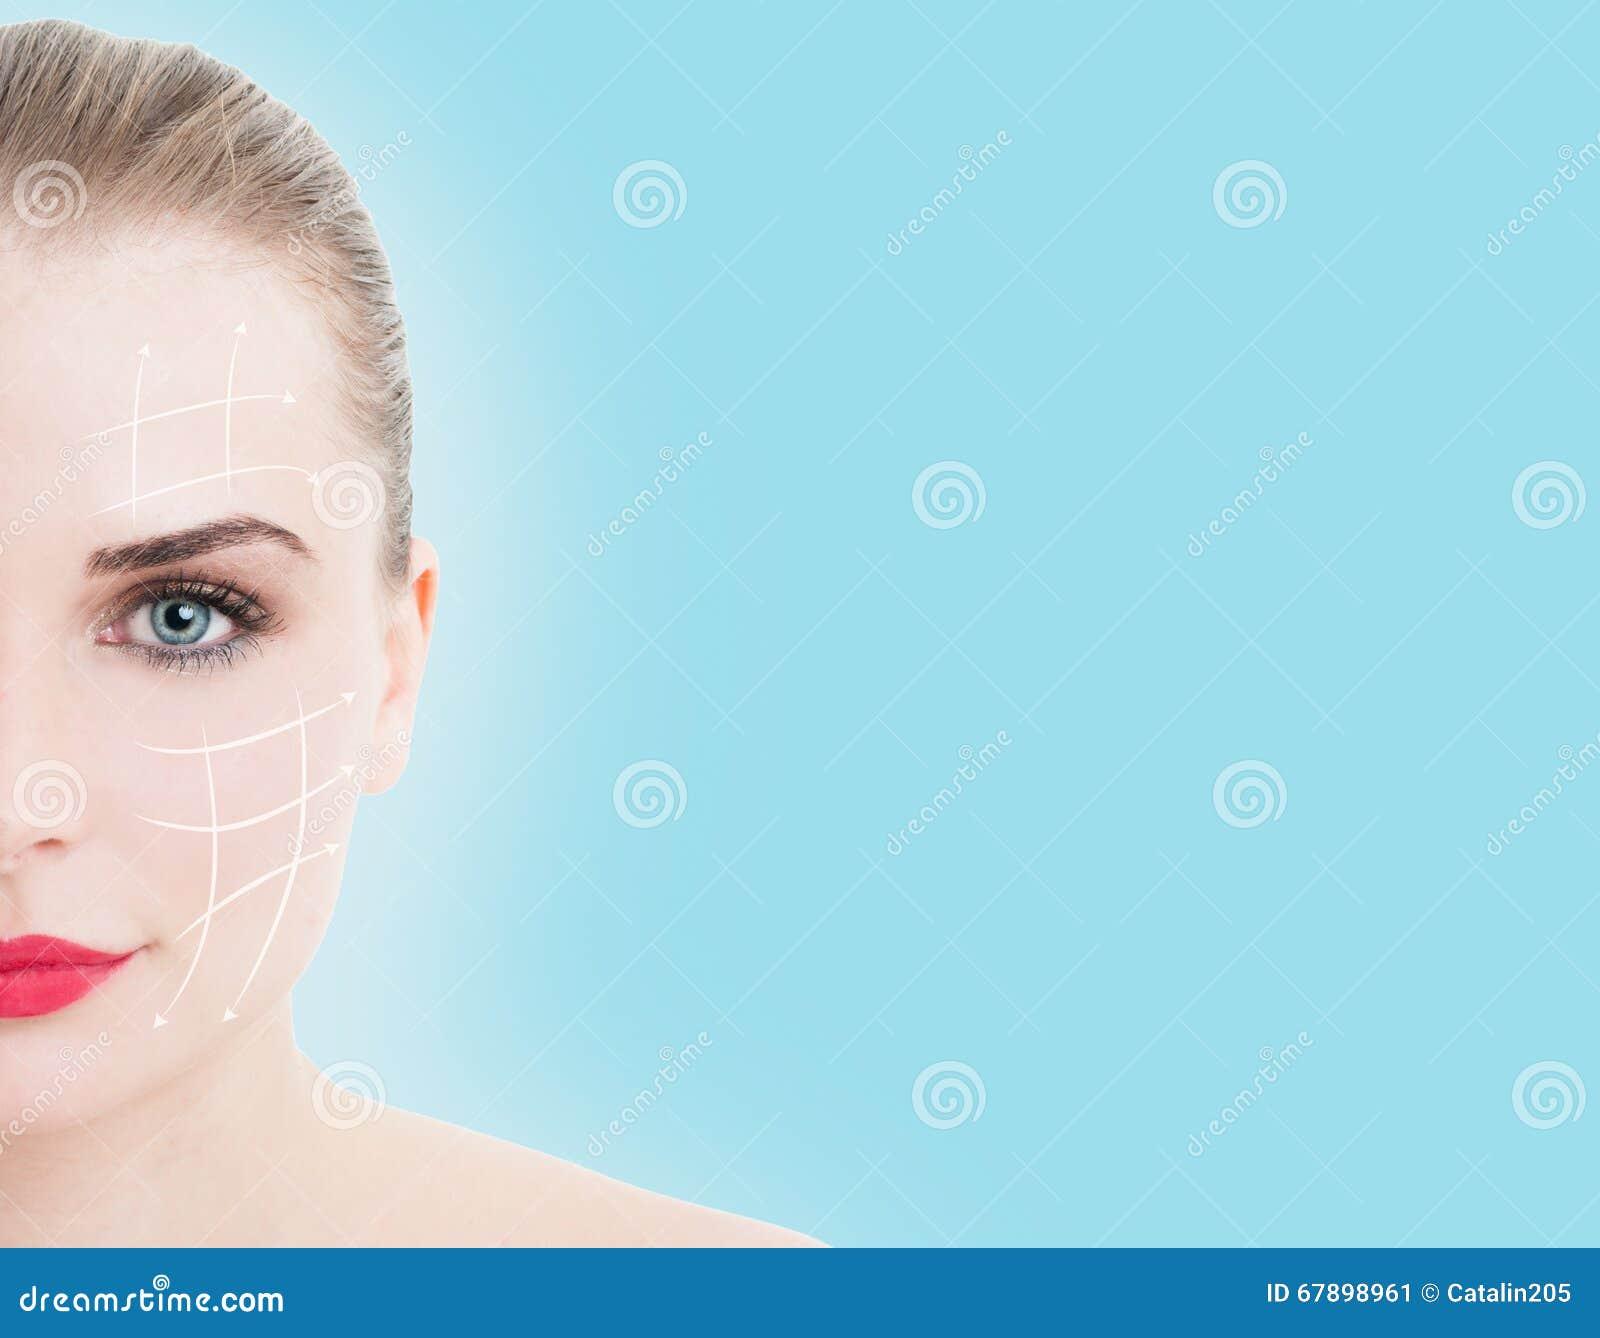 Retrato do close-up da meia cara da mulher nova, bonita